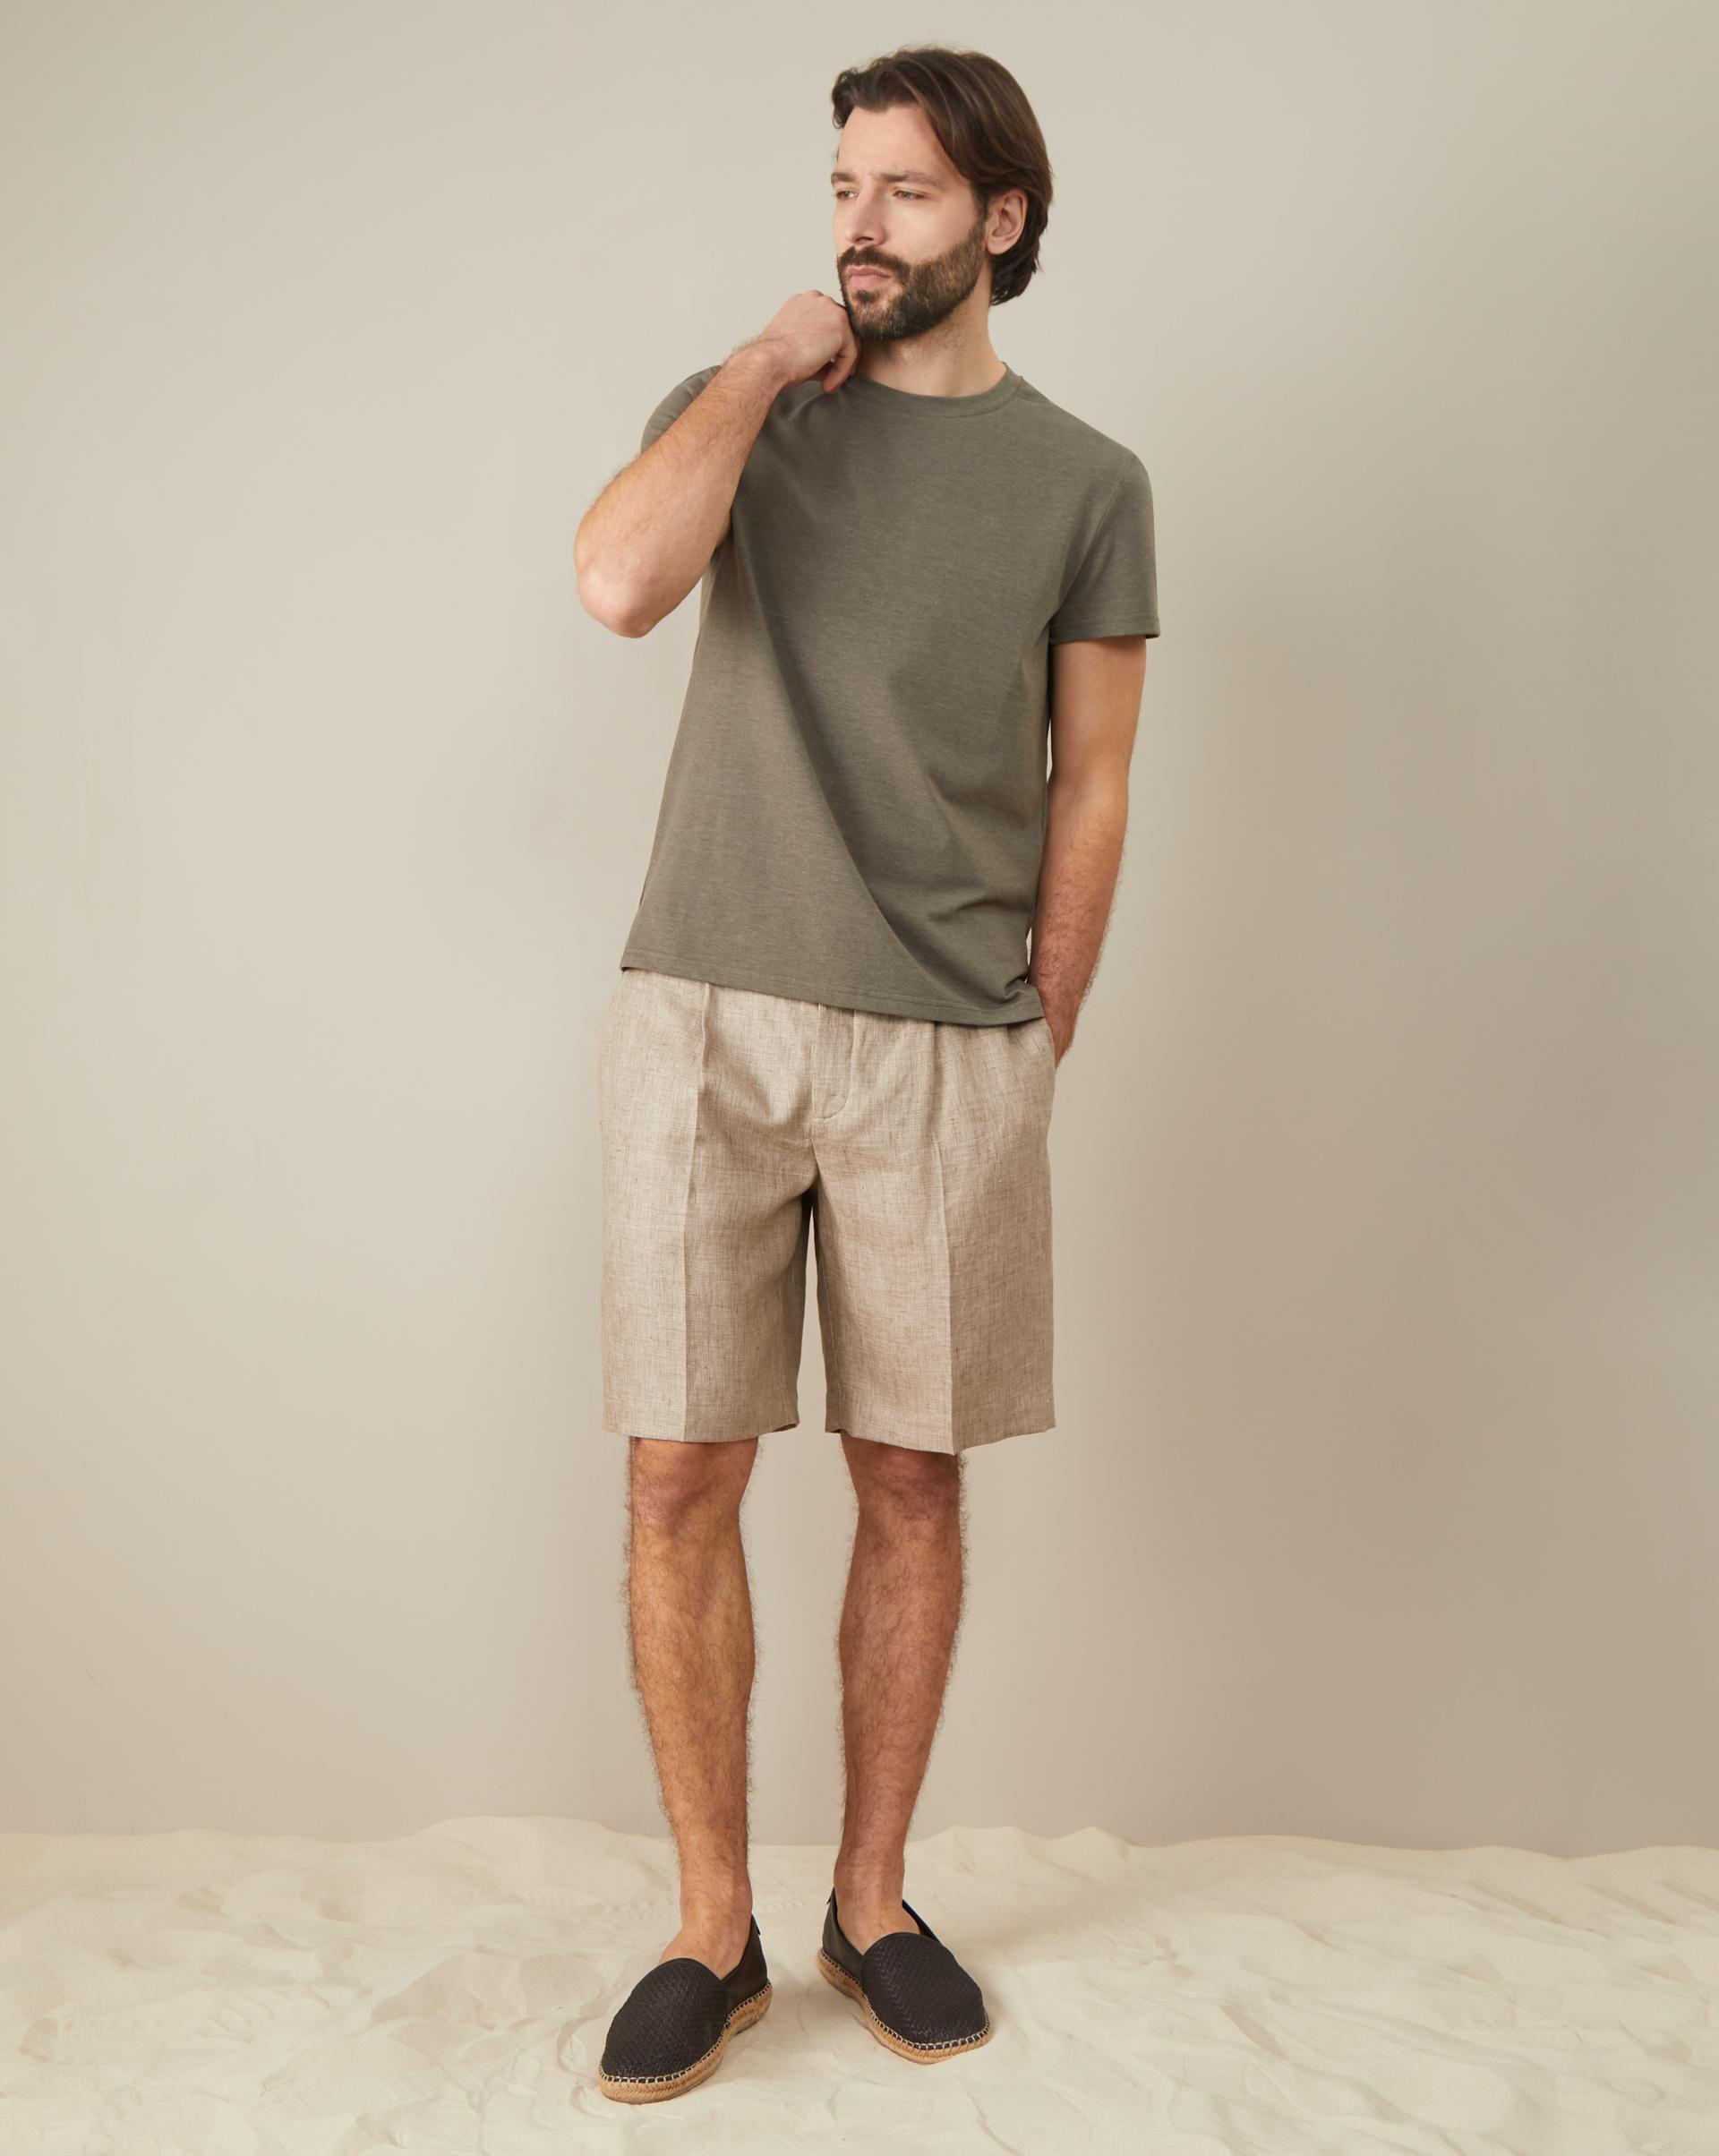 шорты со складками 12STOREEZ Шорты льняные со складками